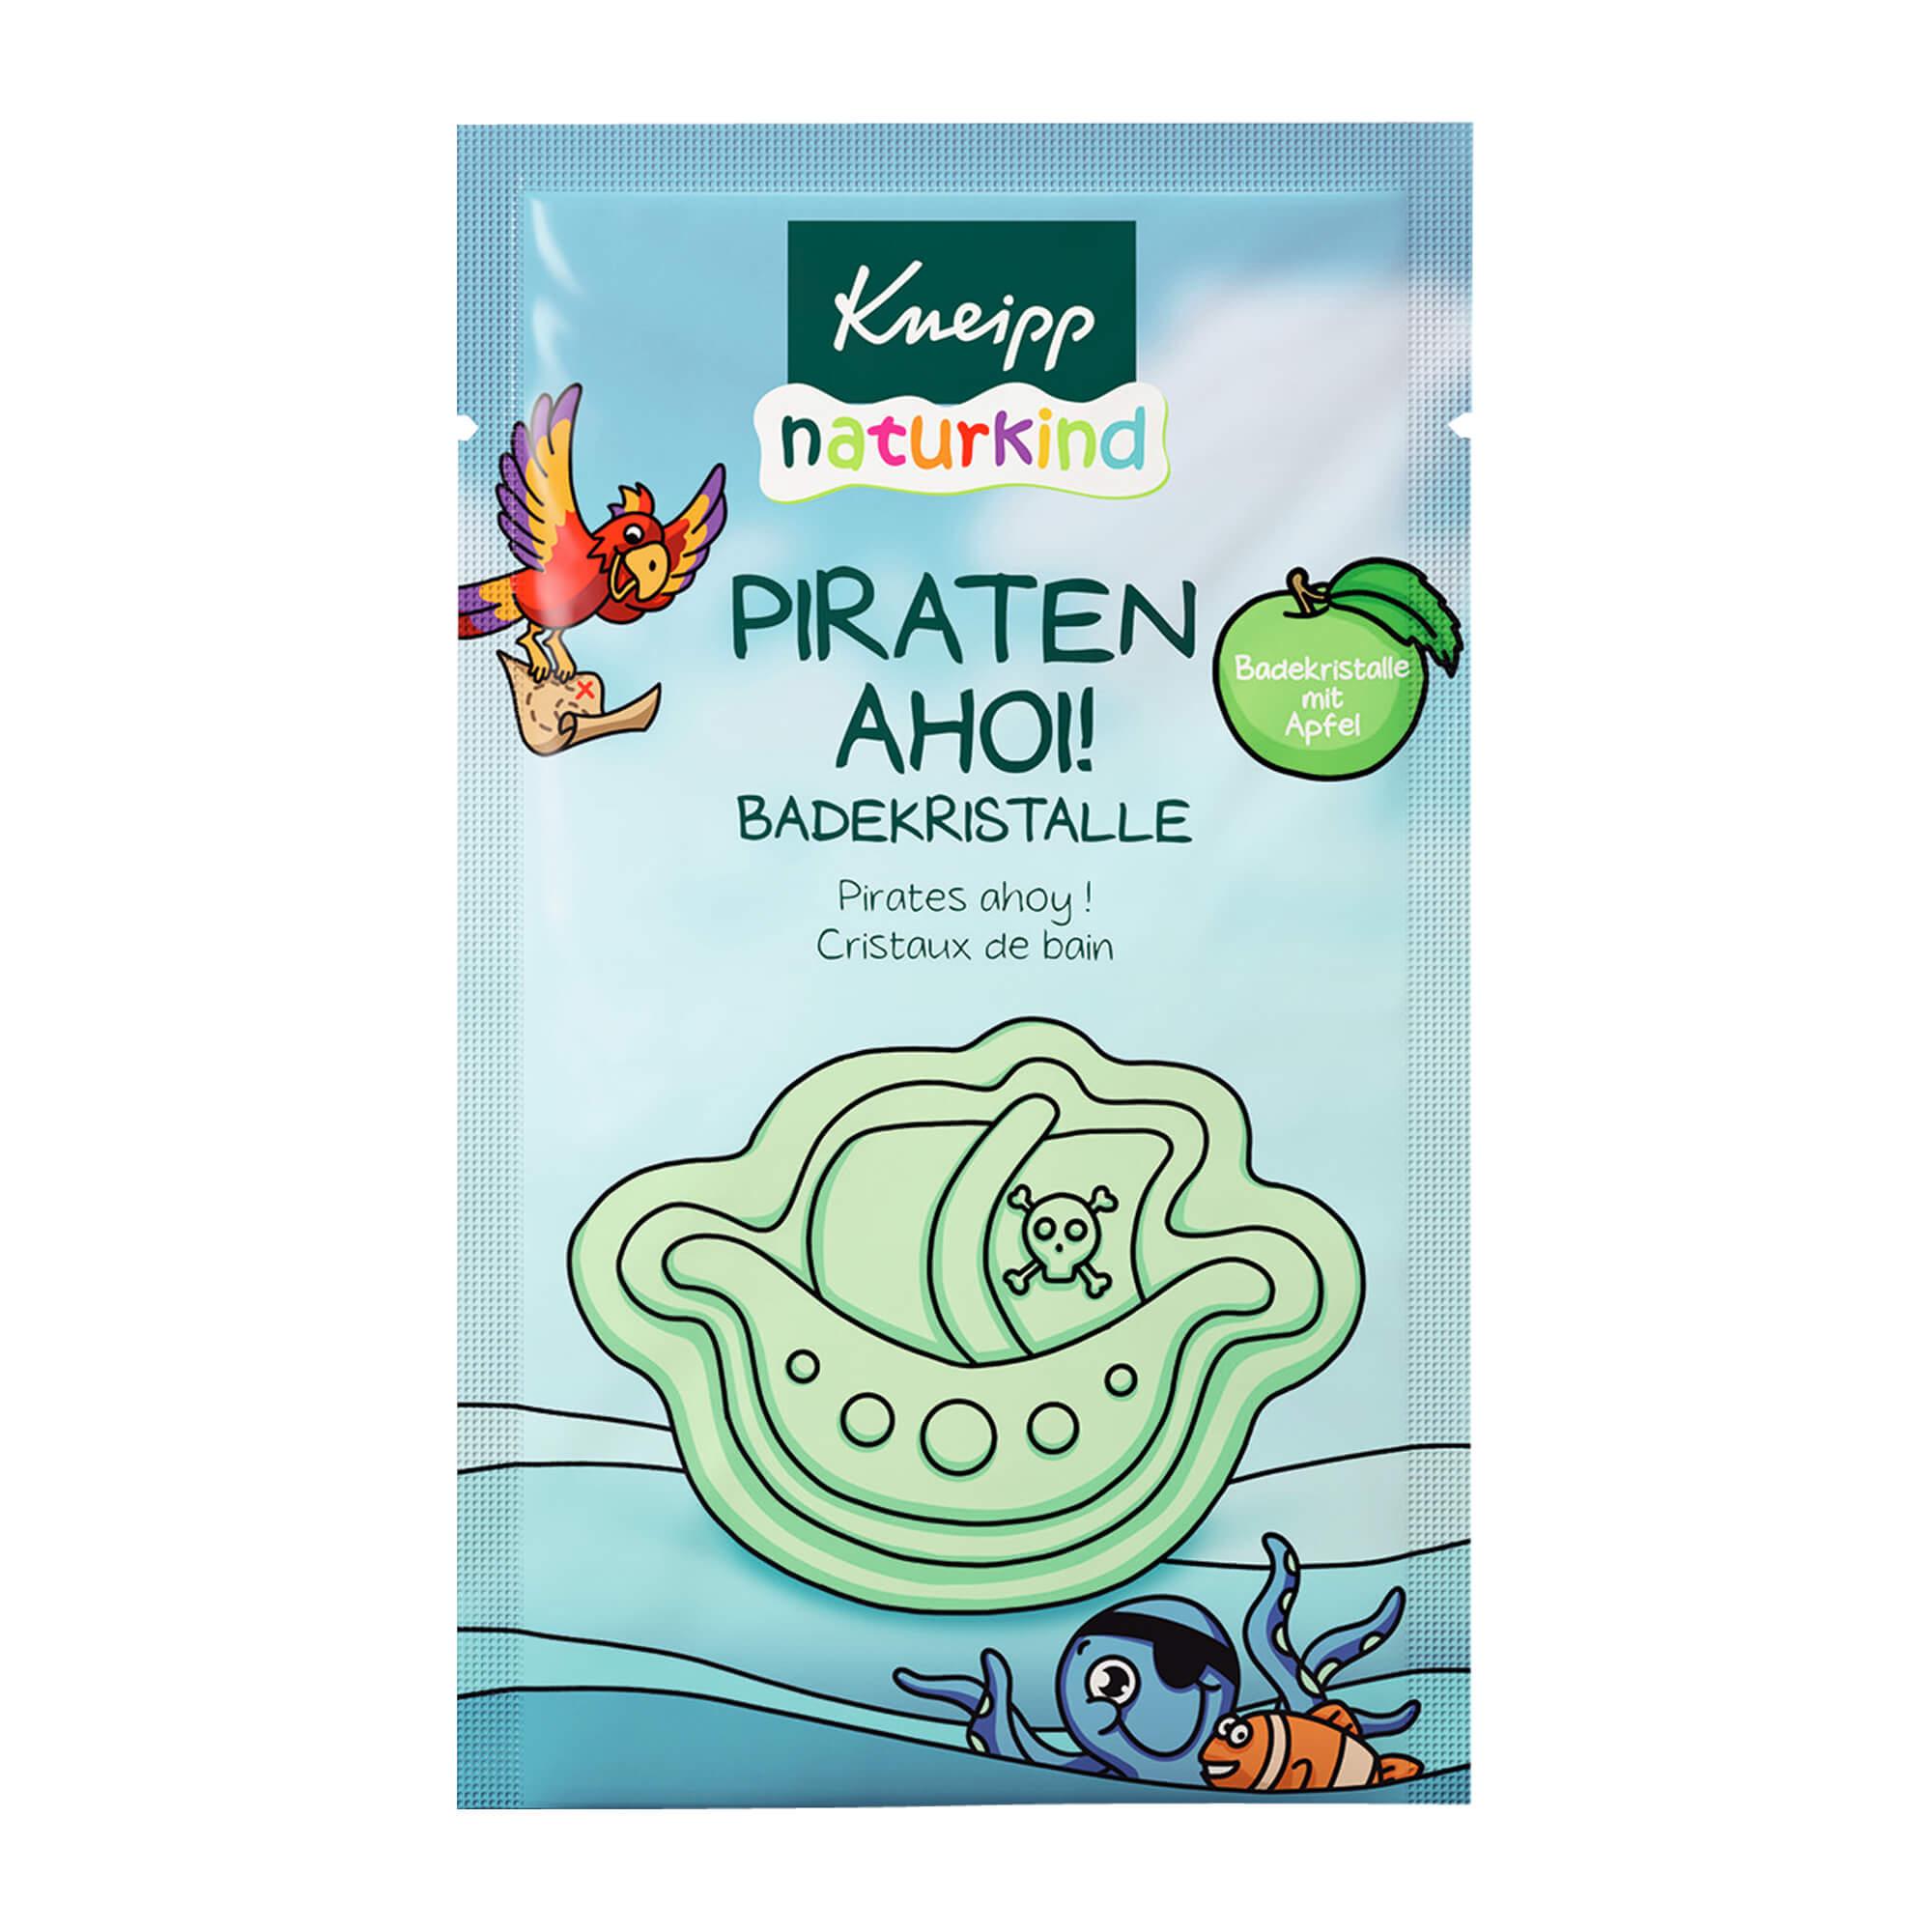 Kneipp naturkind Badekristalle Piraten Ahoi mit Förmchen